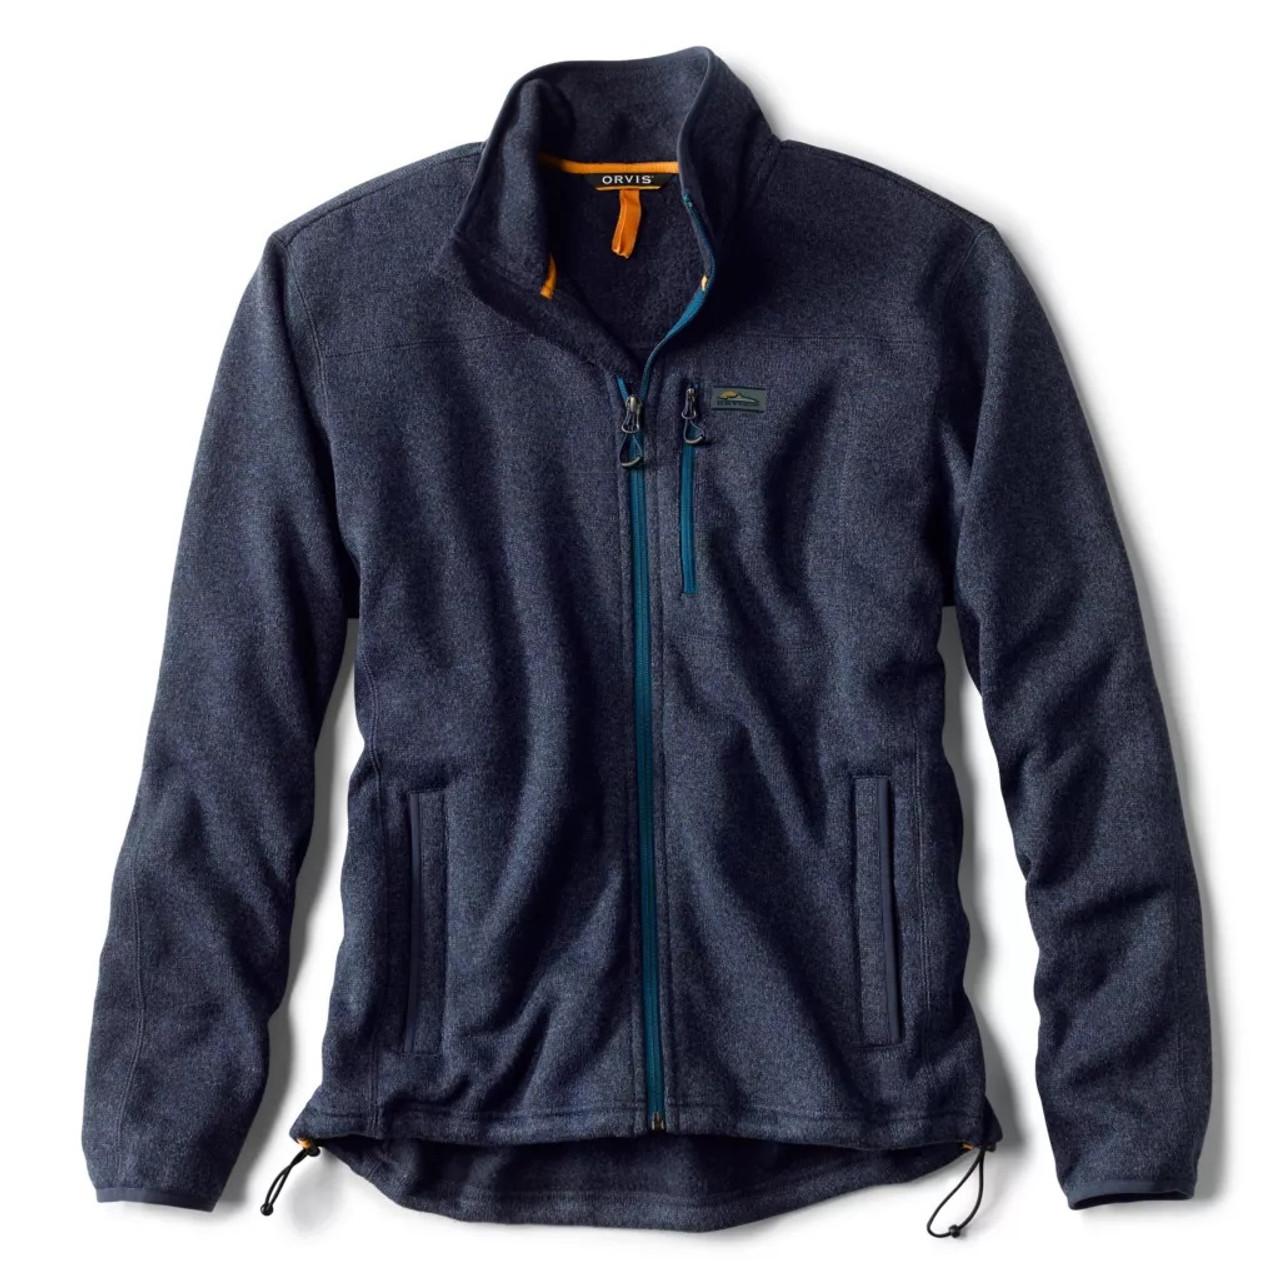 Orvis Recycled Sweater Fleece Jacket 3BA2